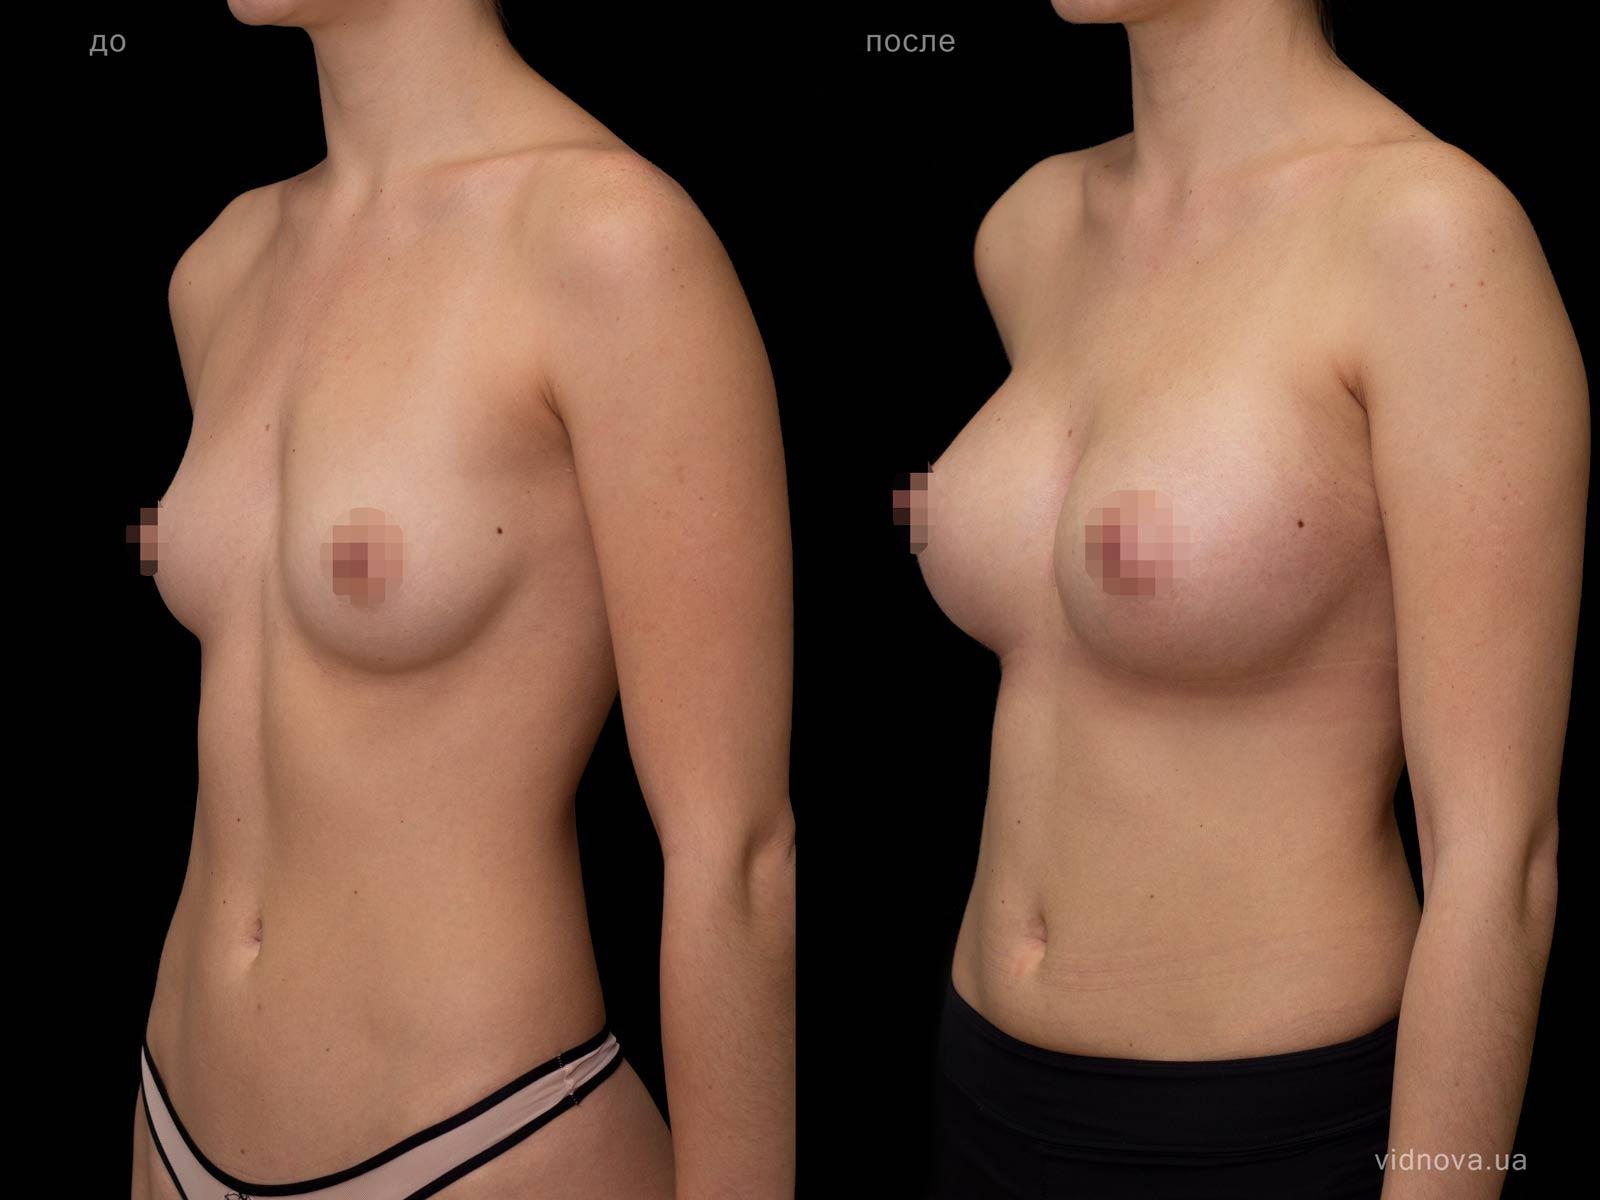 Пластика груди: результаты до и после - Пример №74-1 - Светлана Работенко